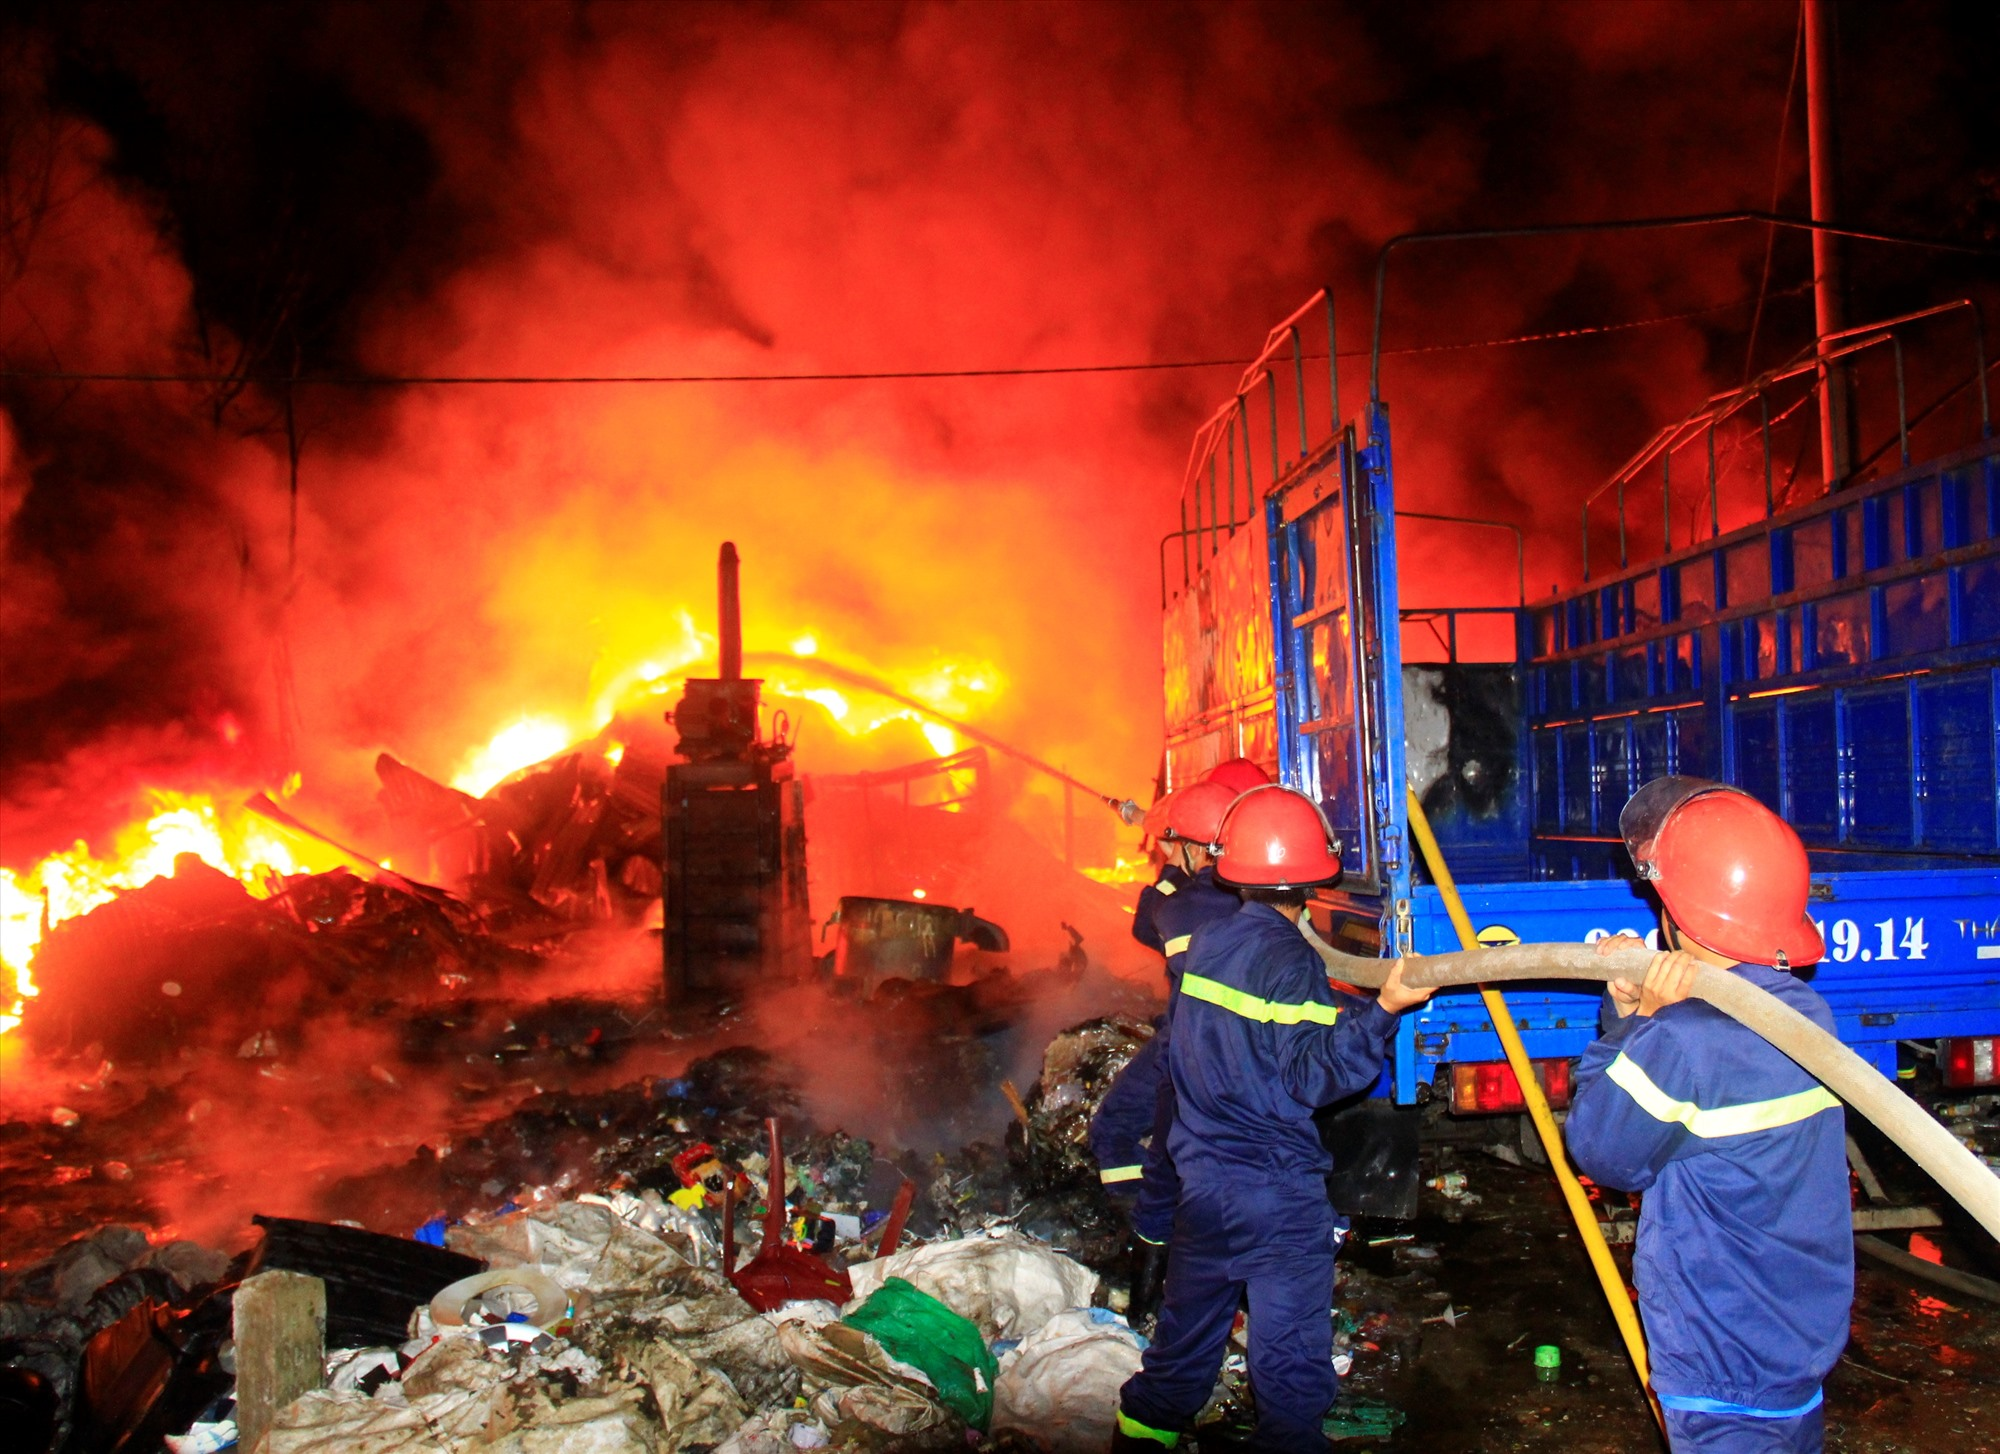 Sự hiện diện của lực lượng PCCC đã giúp hạn chế đáng kể thiệt hại của nhiều vụ hỏa hoạn. Ảnh: T.C